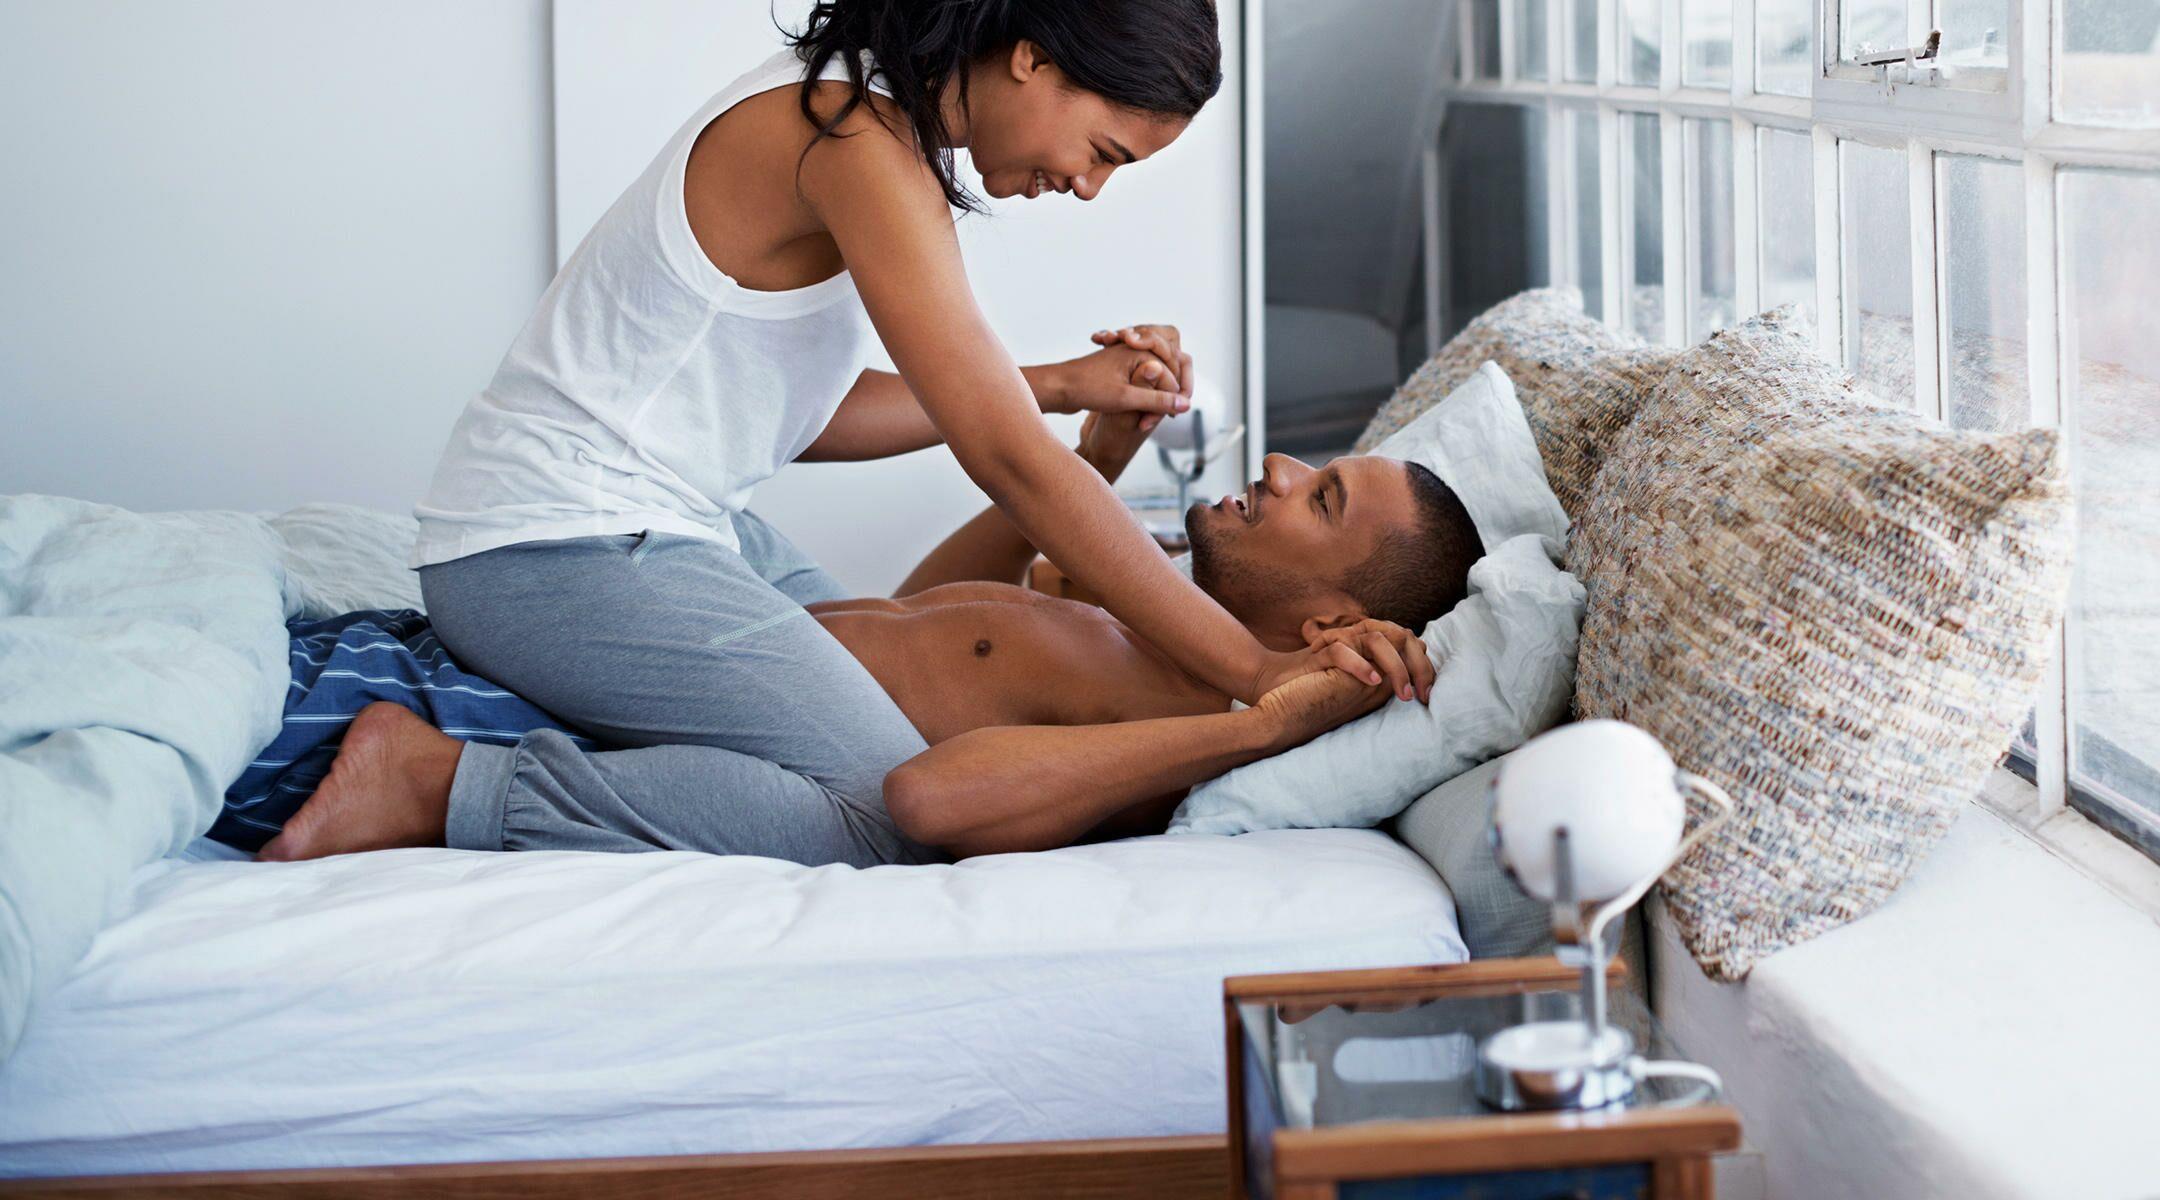 Top 4 Sex Position Myths